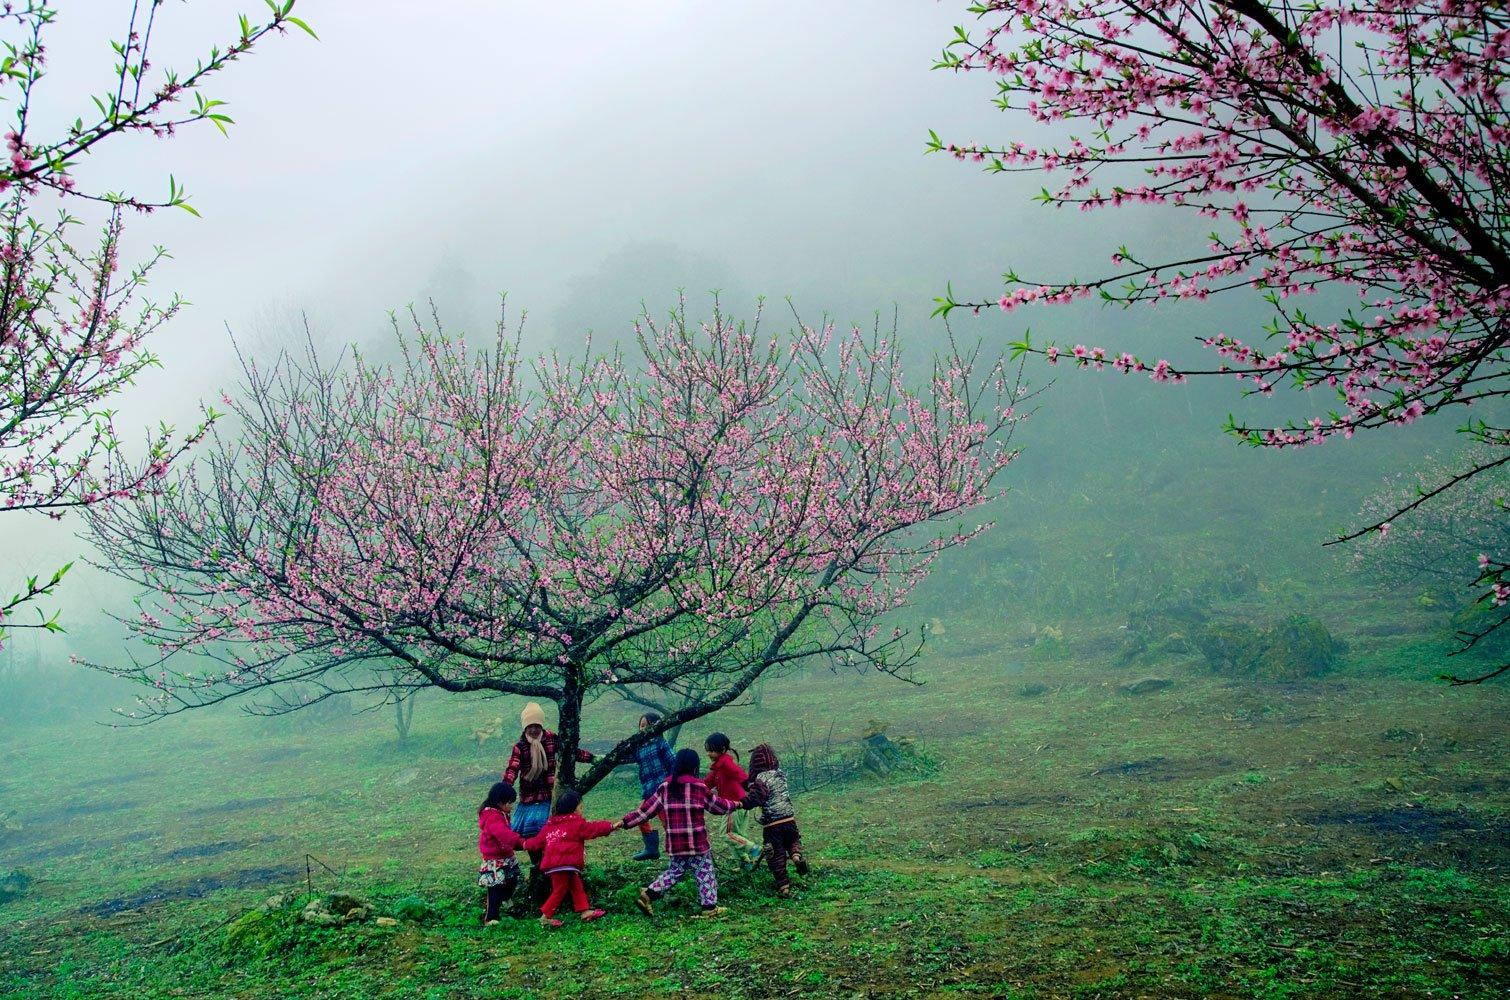 Du lịch Mộc Châu - Hoa đào nở vừa mang hơi thở rạo rực của mùa xuân. Ảnh Lê Huy